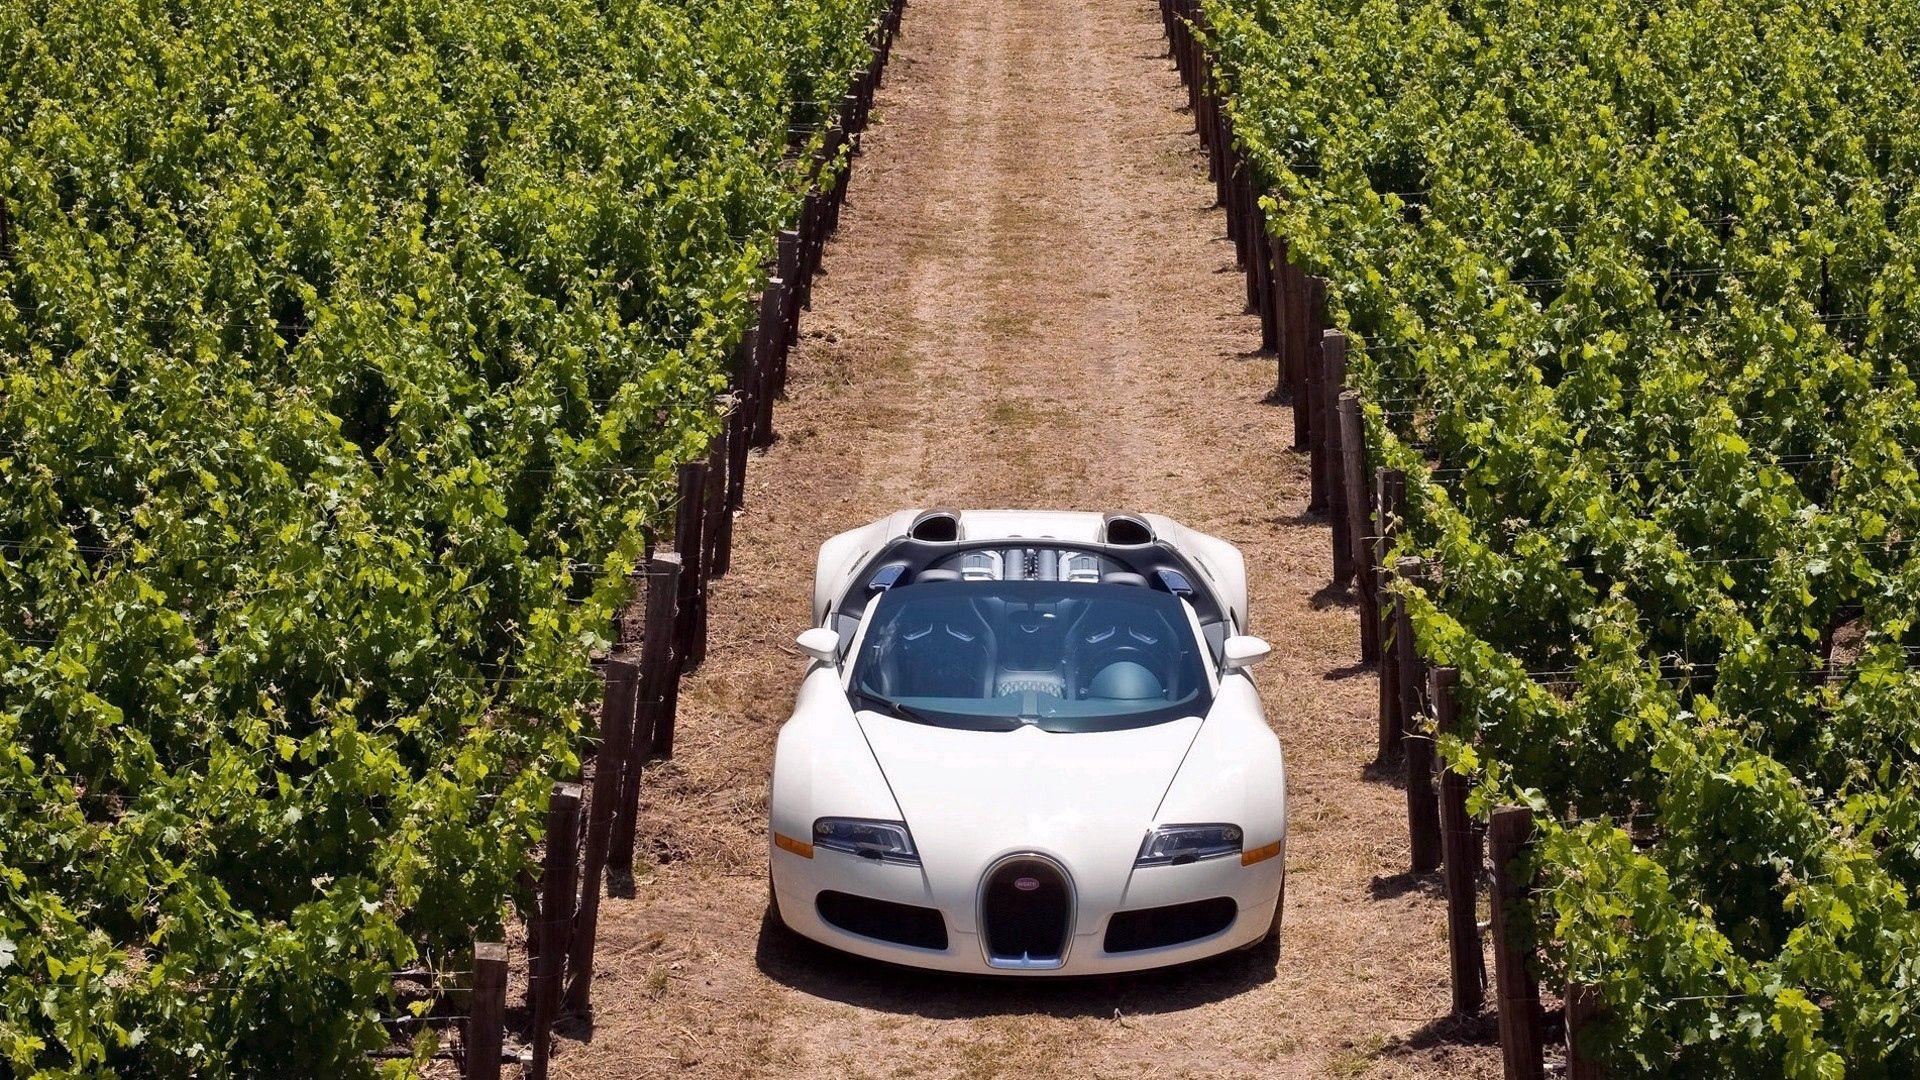 144750 скачать обои Тачки (Cars), Bugatti Veyron, Дорога, Трава, Машины, Стильный - заставки и картинки бесплатно